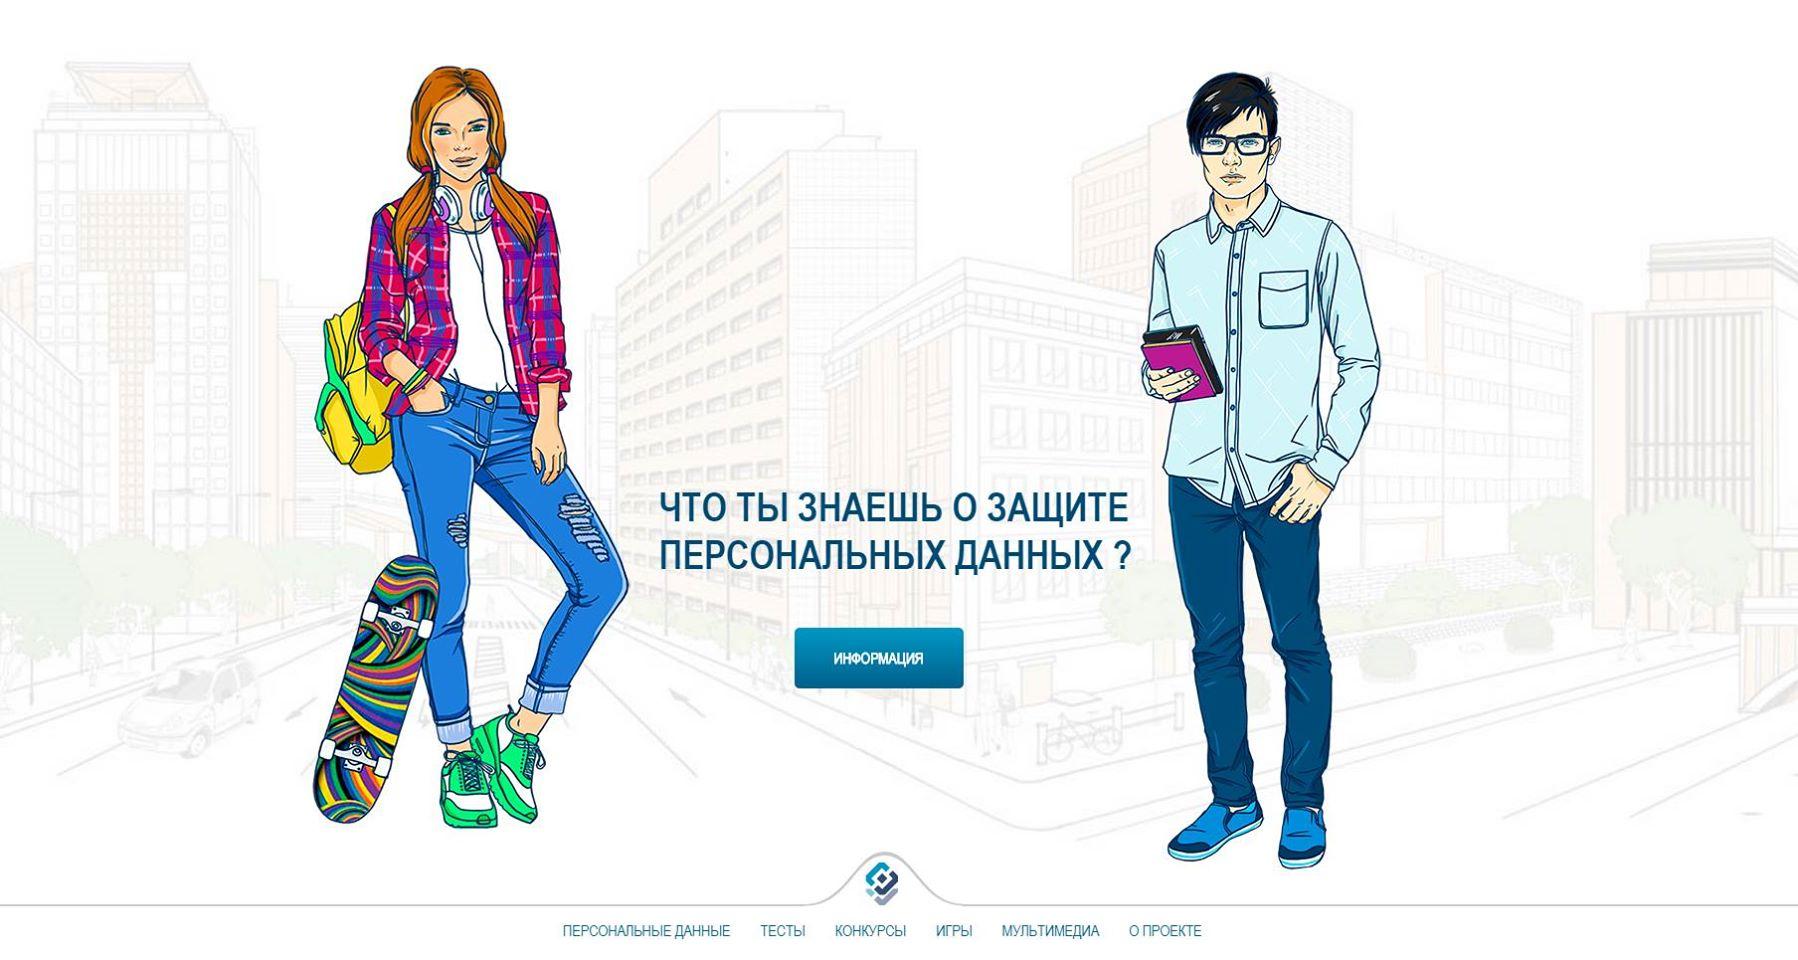 Ссылка на сайт Персональные данные дети